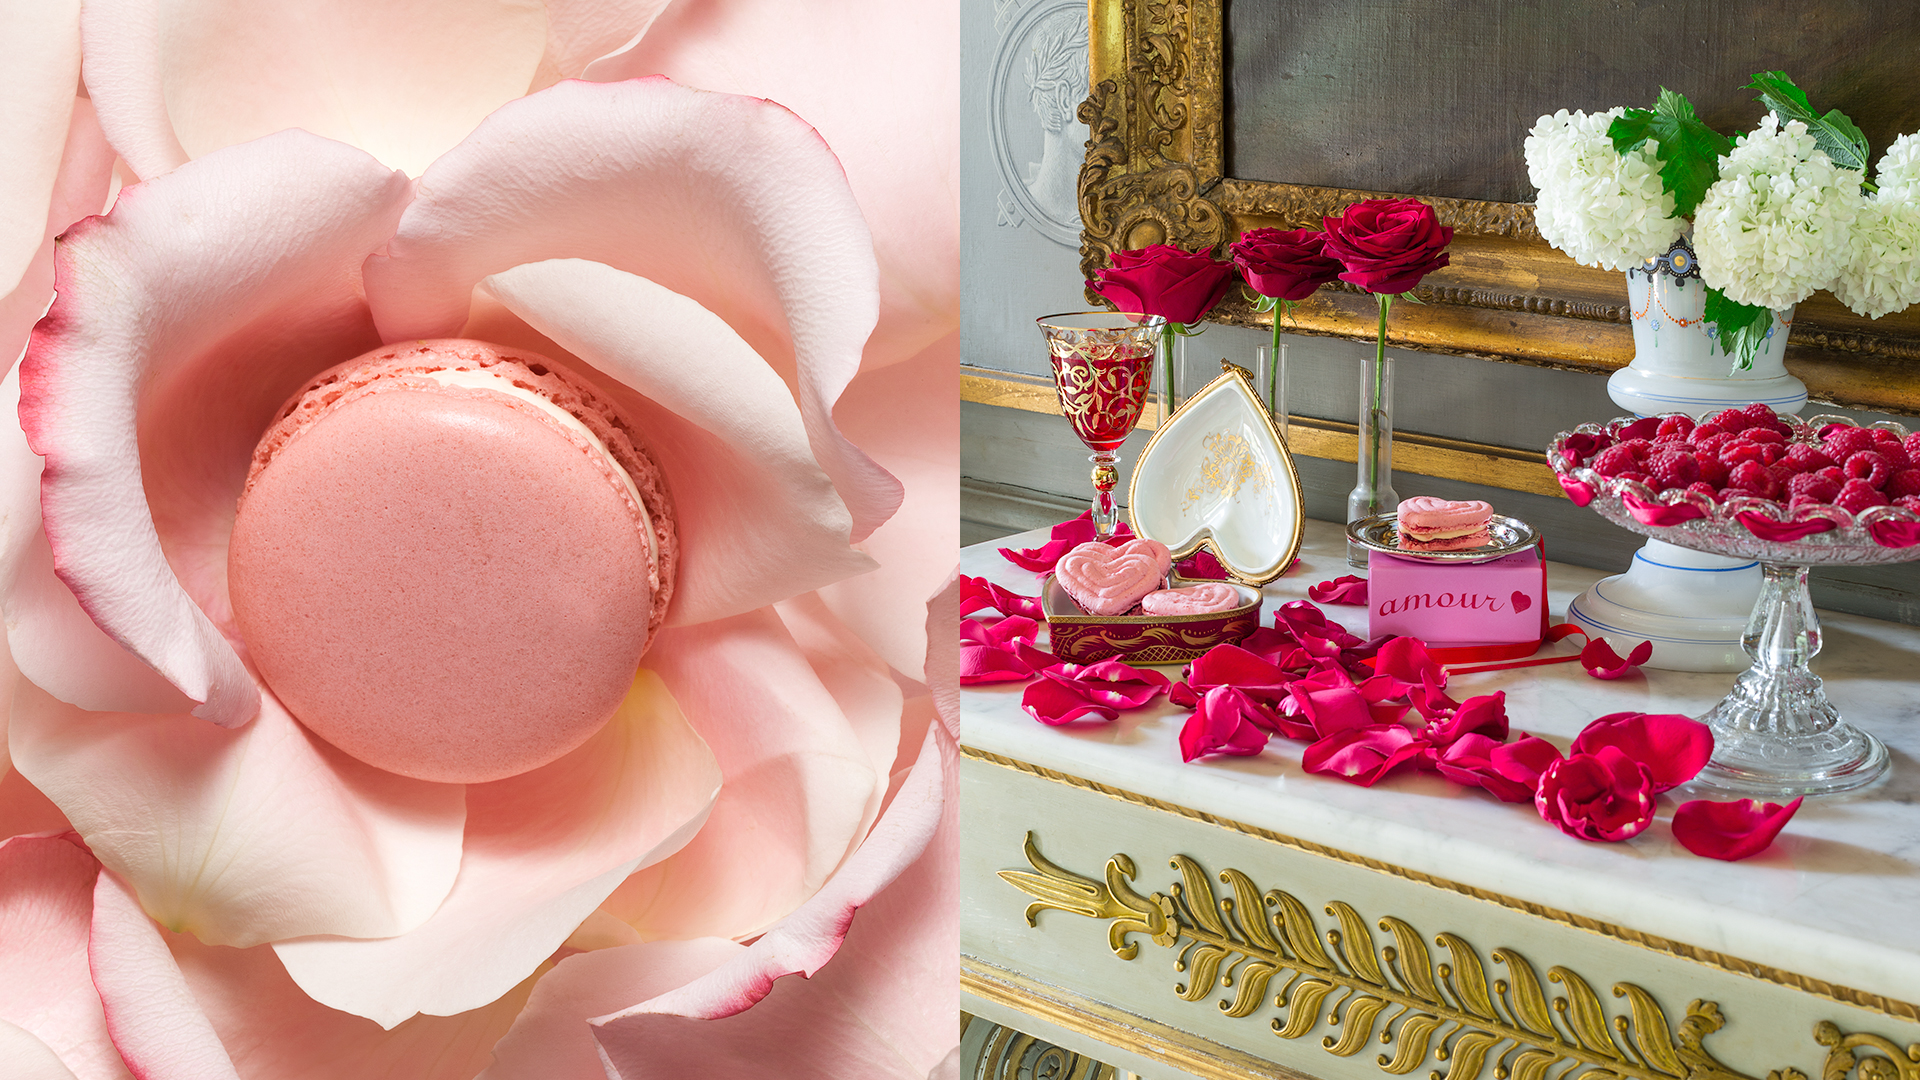 Macarons à la rose Ladurée